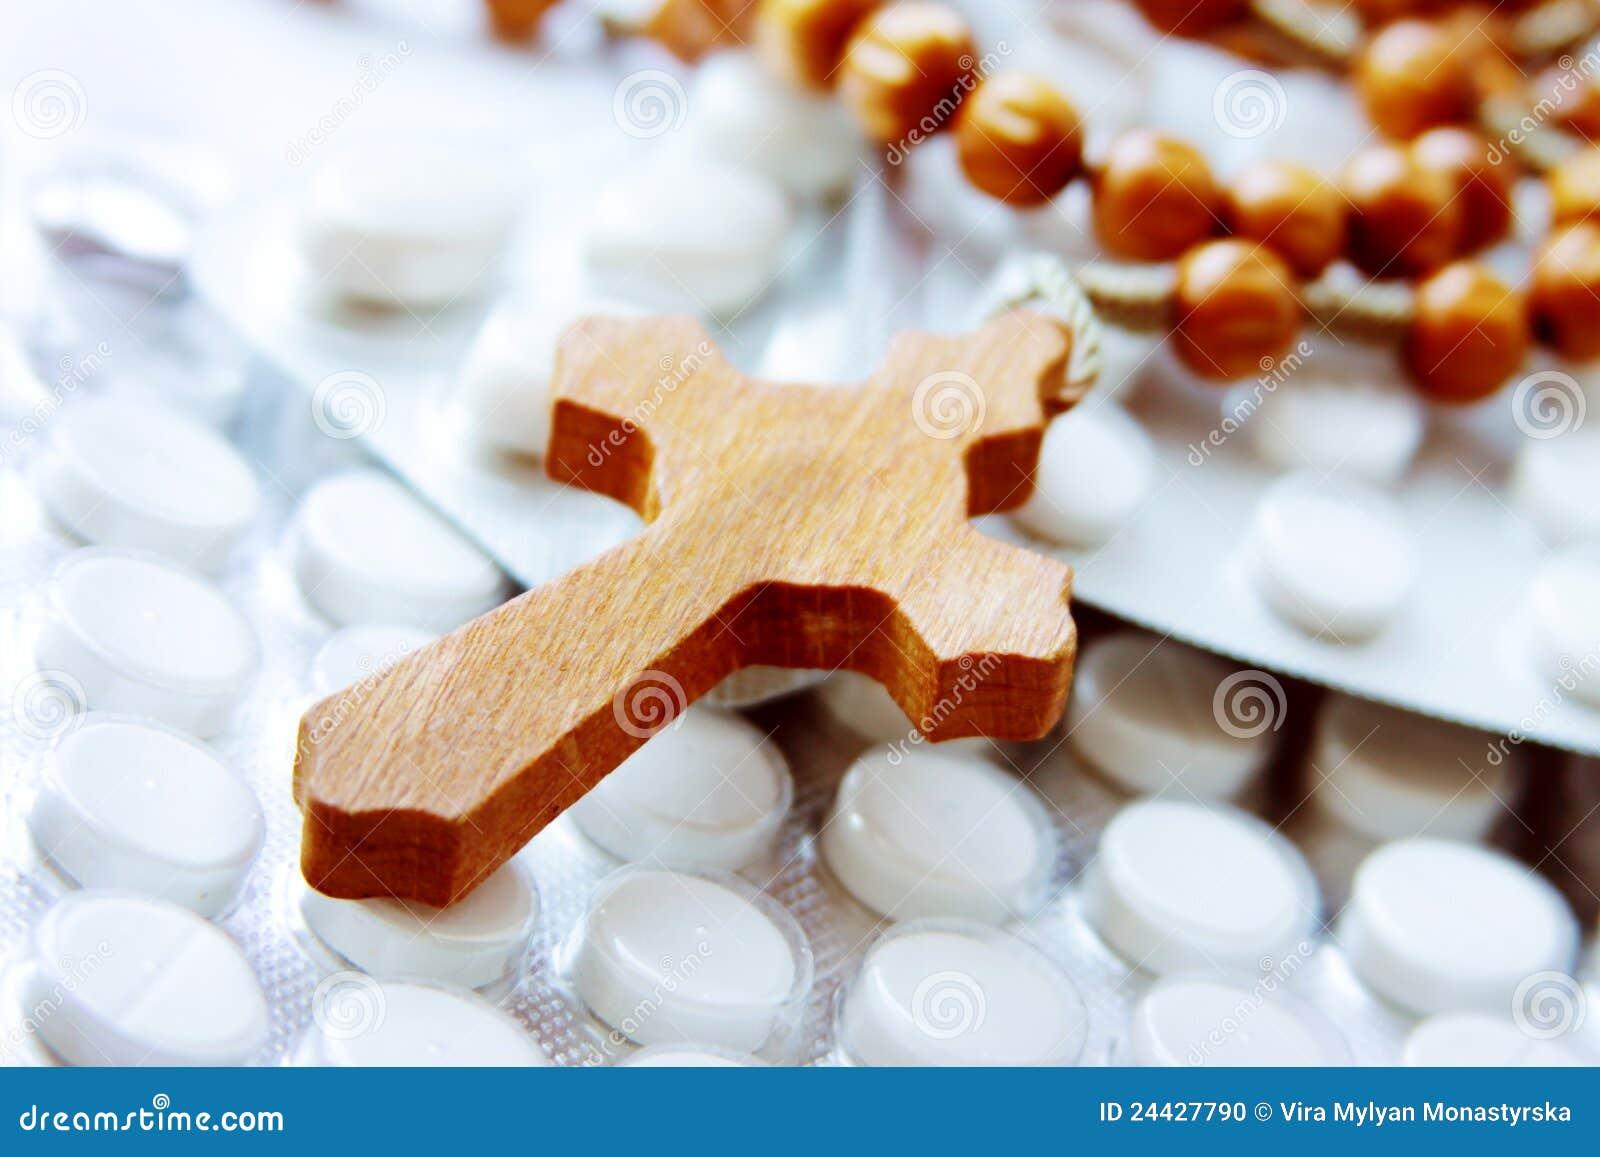 Houten kruis op pakketten van pillen